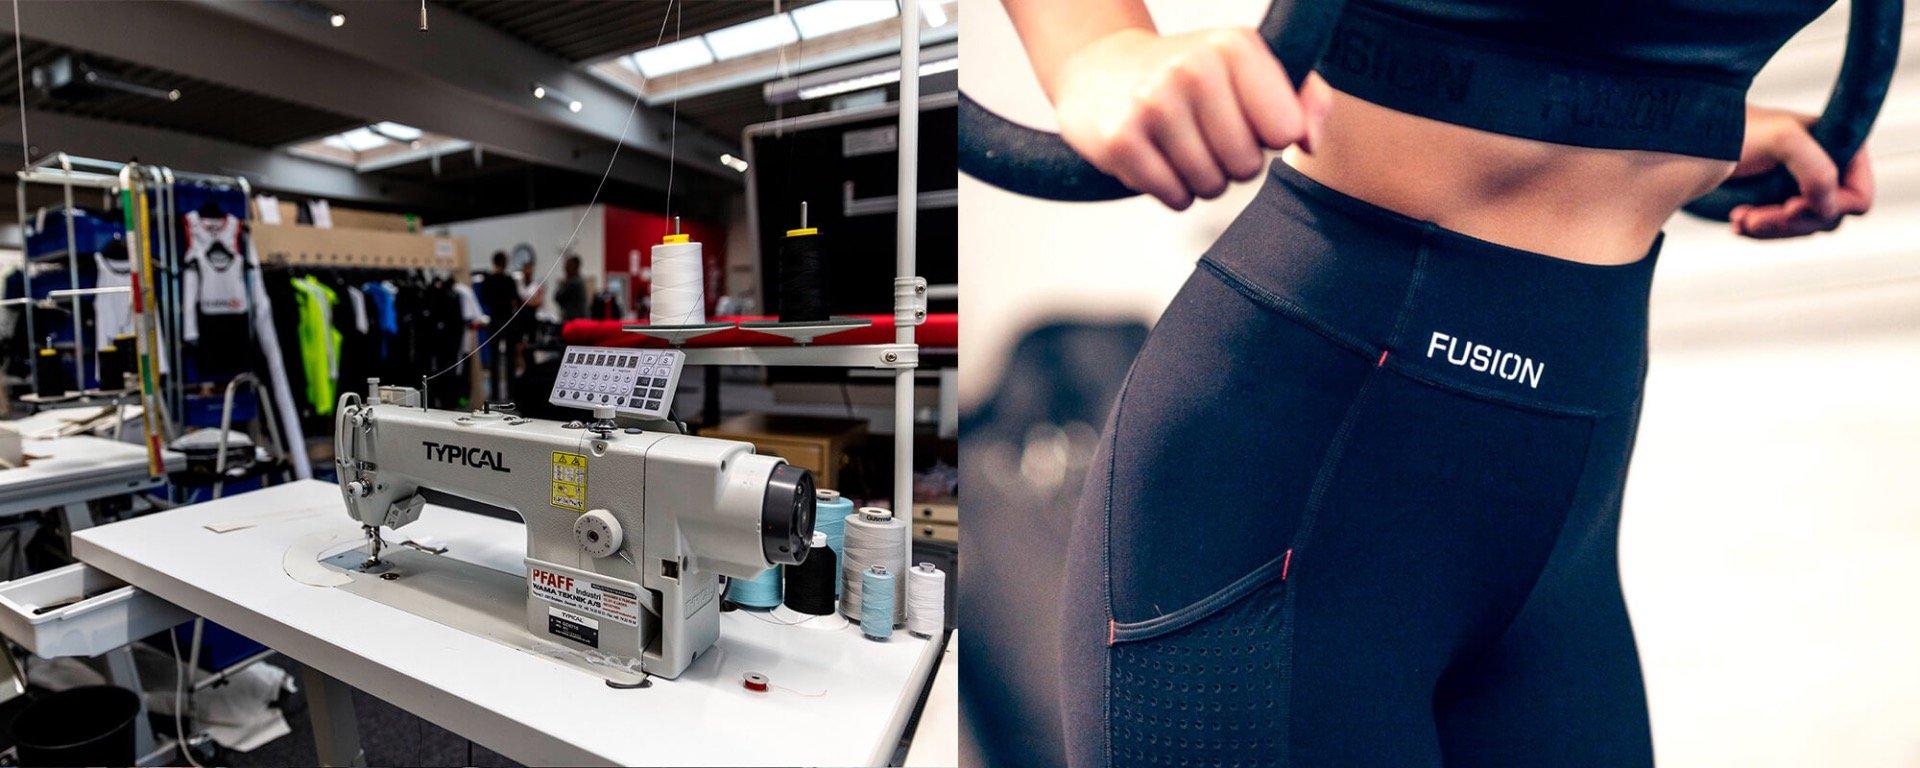 Køb FUSION løbetøj, cykeltøj og tri-tøj online med fri fragt på kaisersport.dk